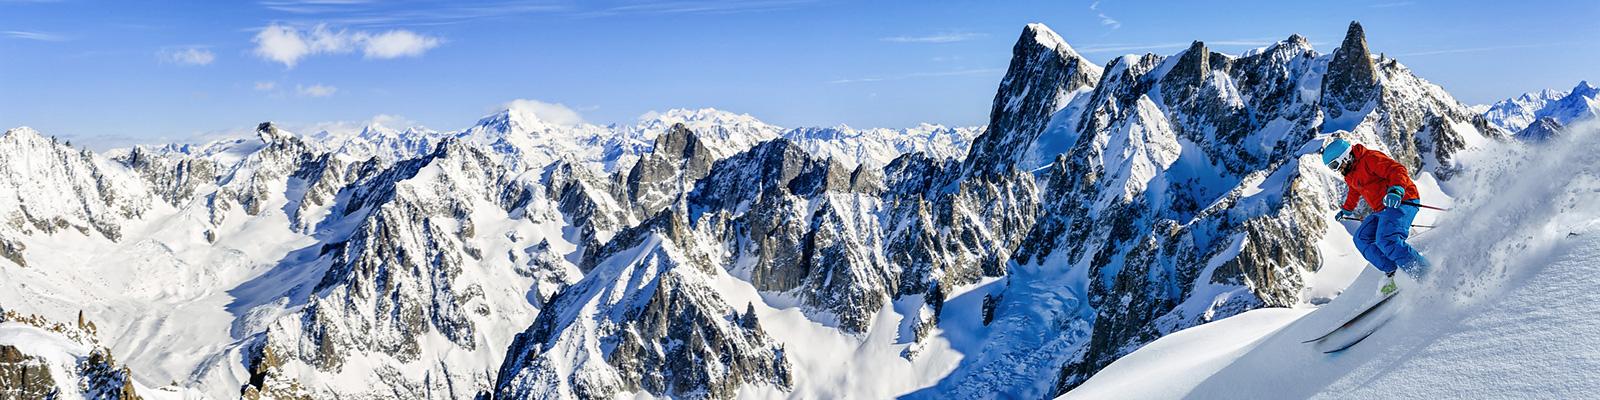 スキー イメージ